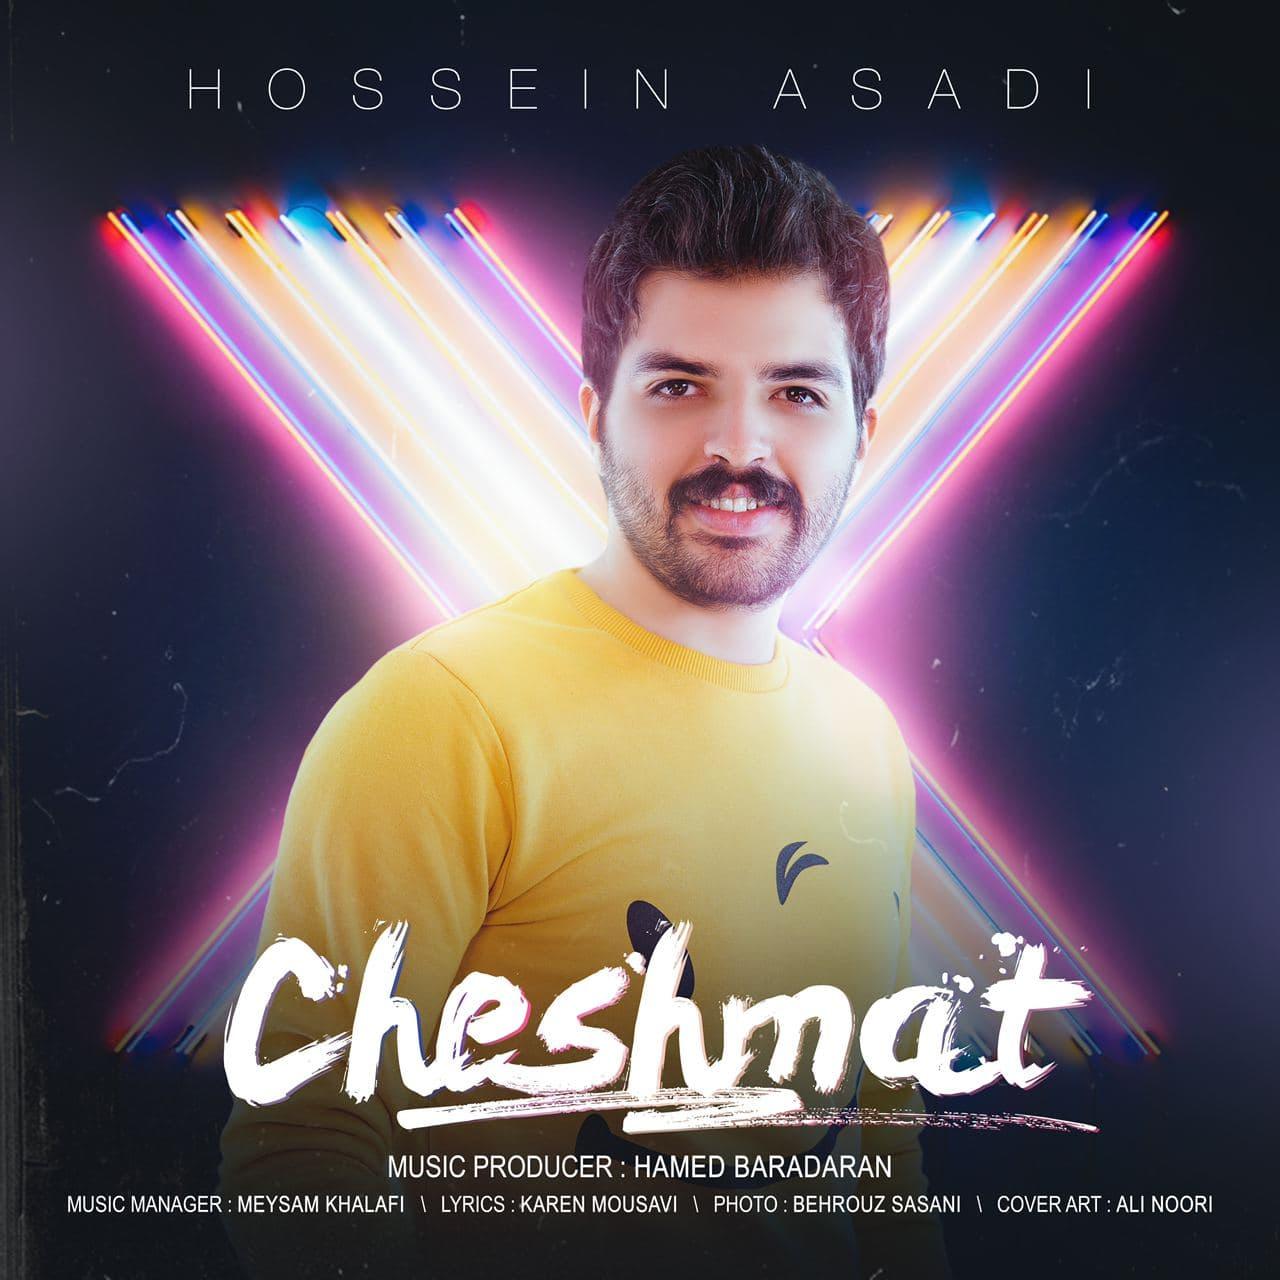 Hossein Asadi – Cheshmat